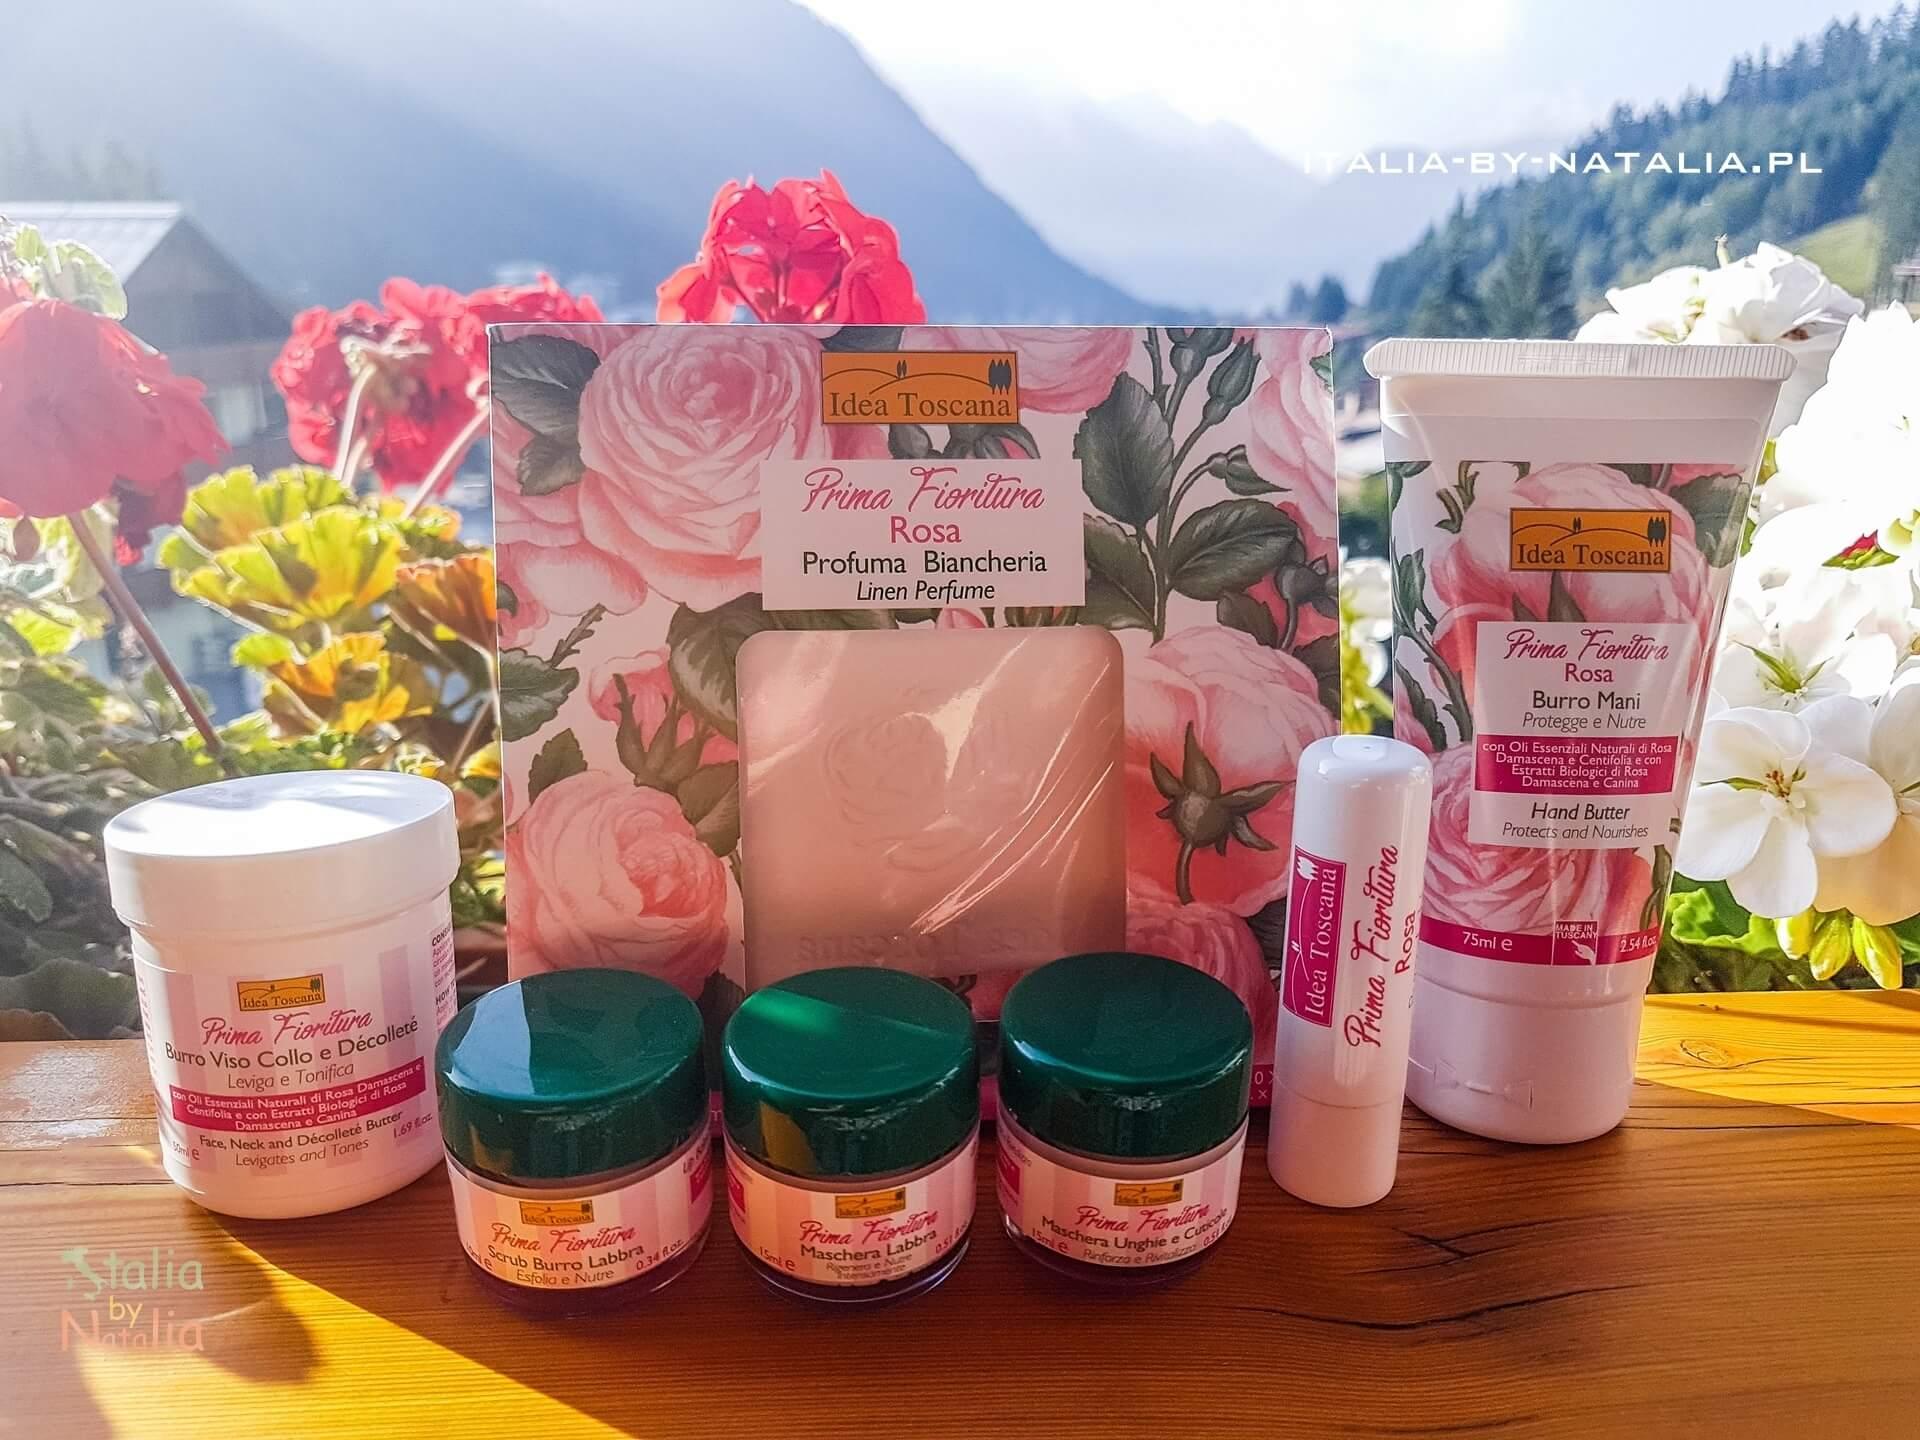 Idea Toscana prima fioritura rosa kosmetyki naturalne z różą